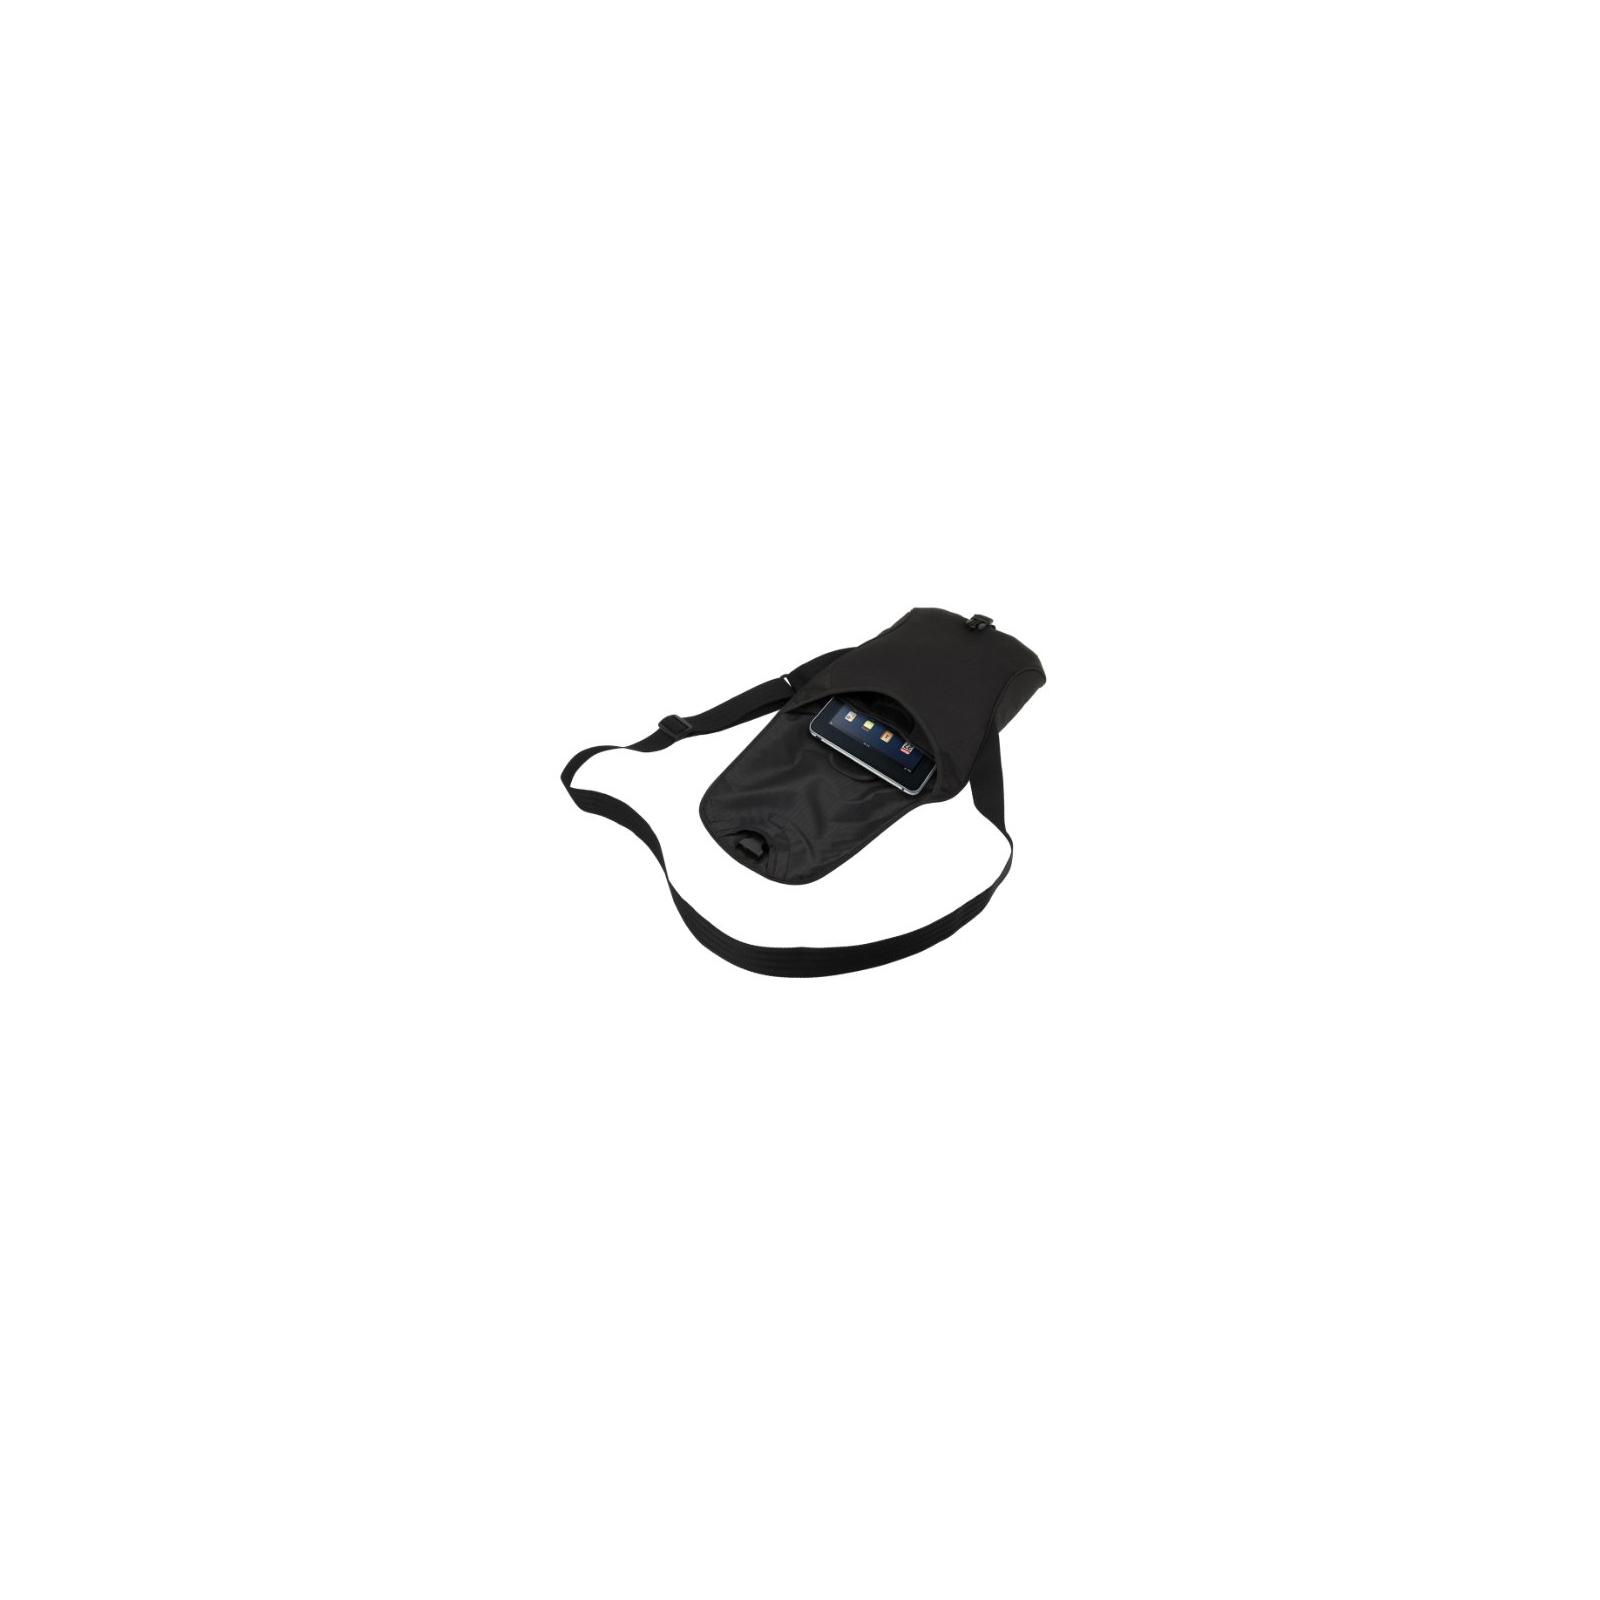 Чехол для планшета Crumpler 10 Prime Cut Tablet /black (PRCT-001) изображение 3